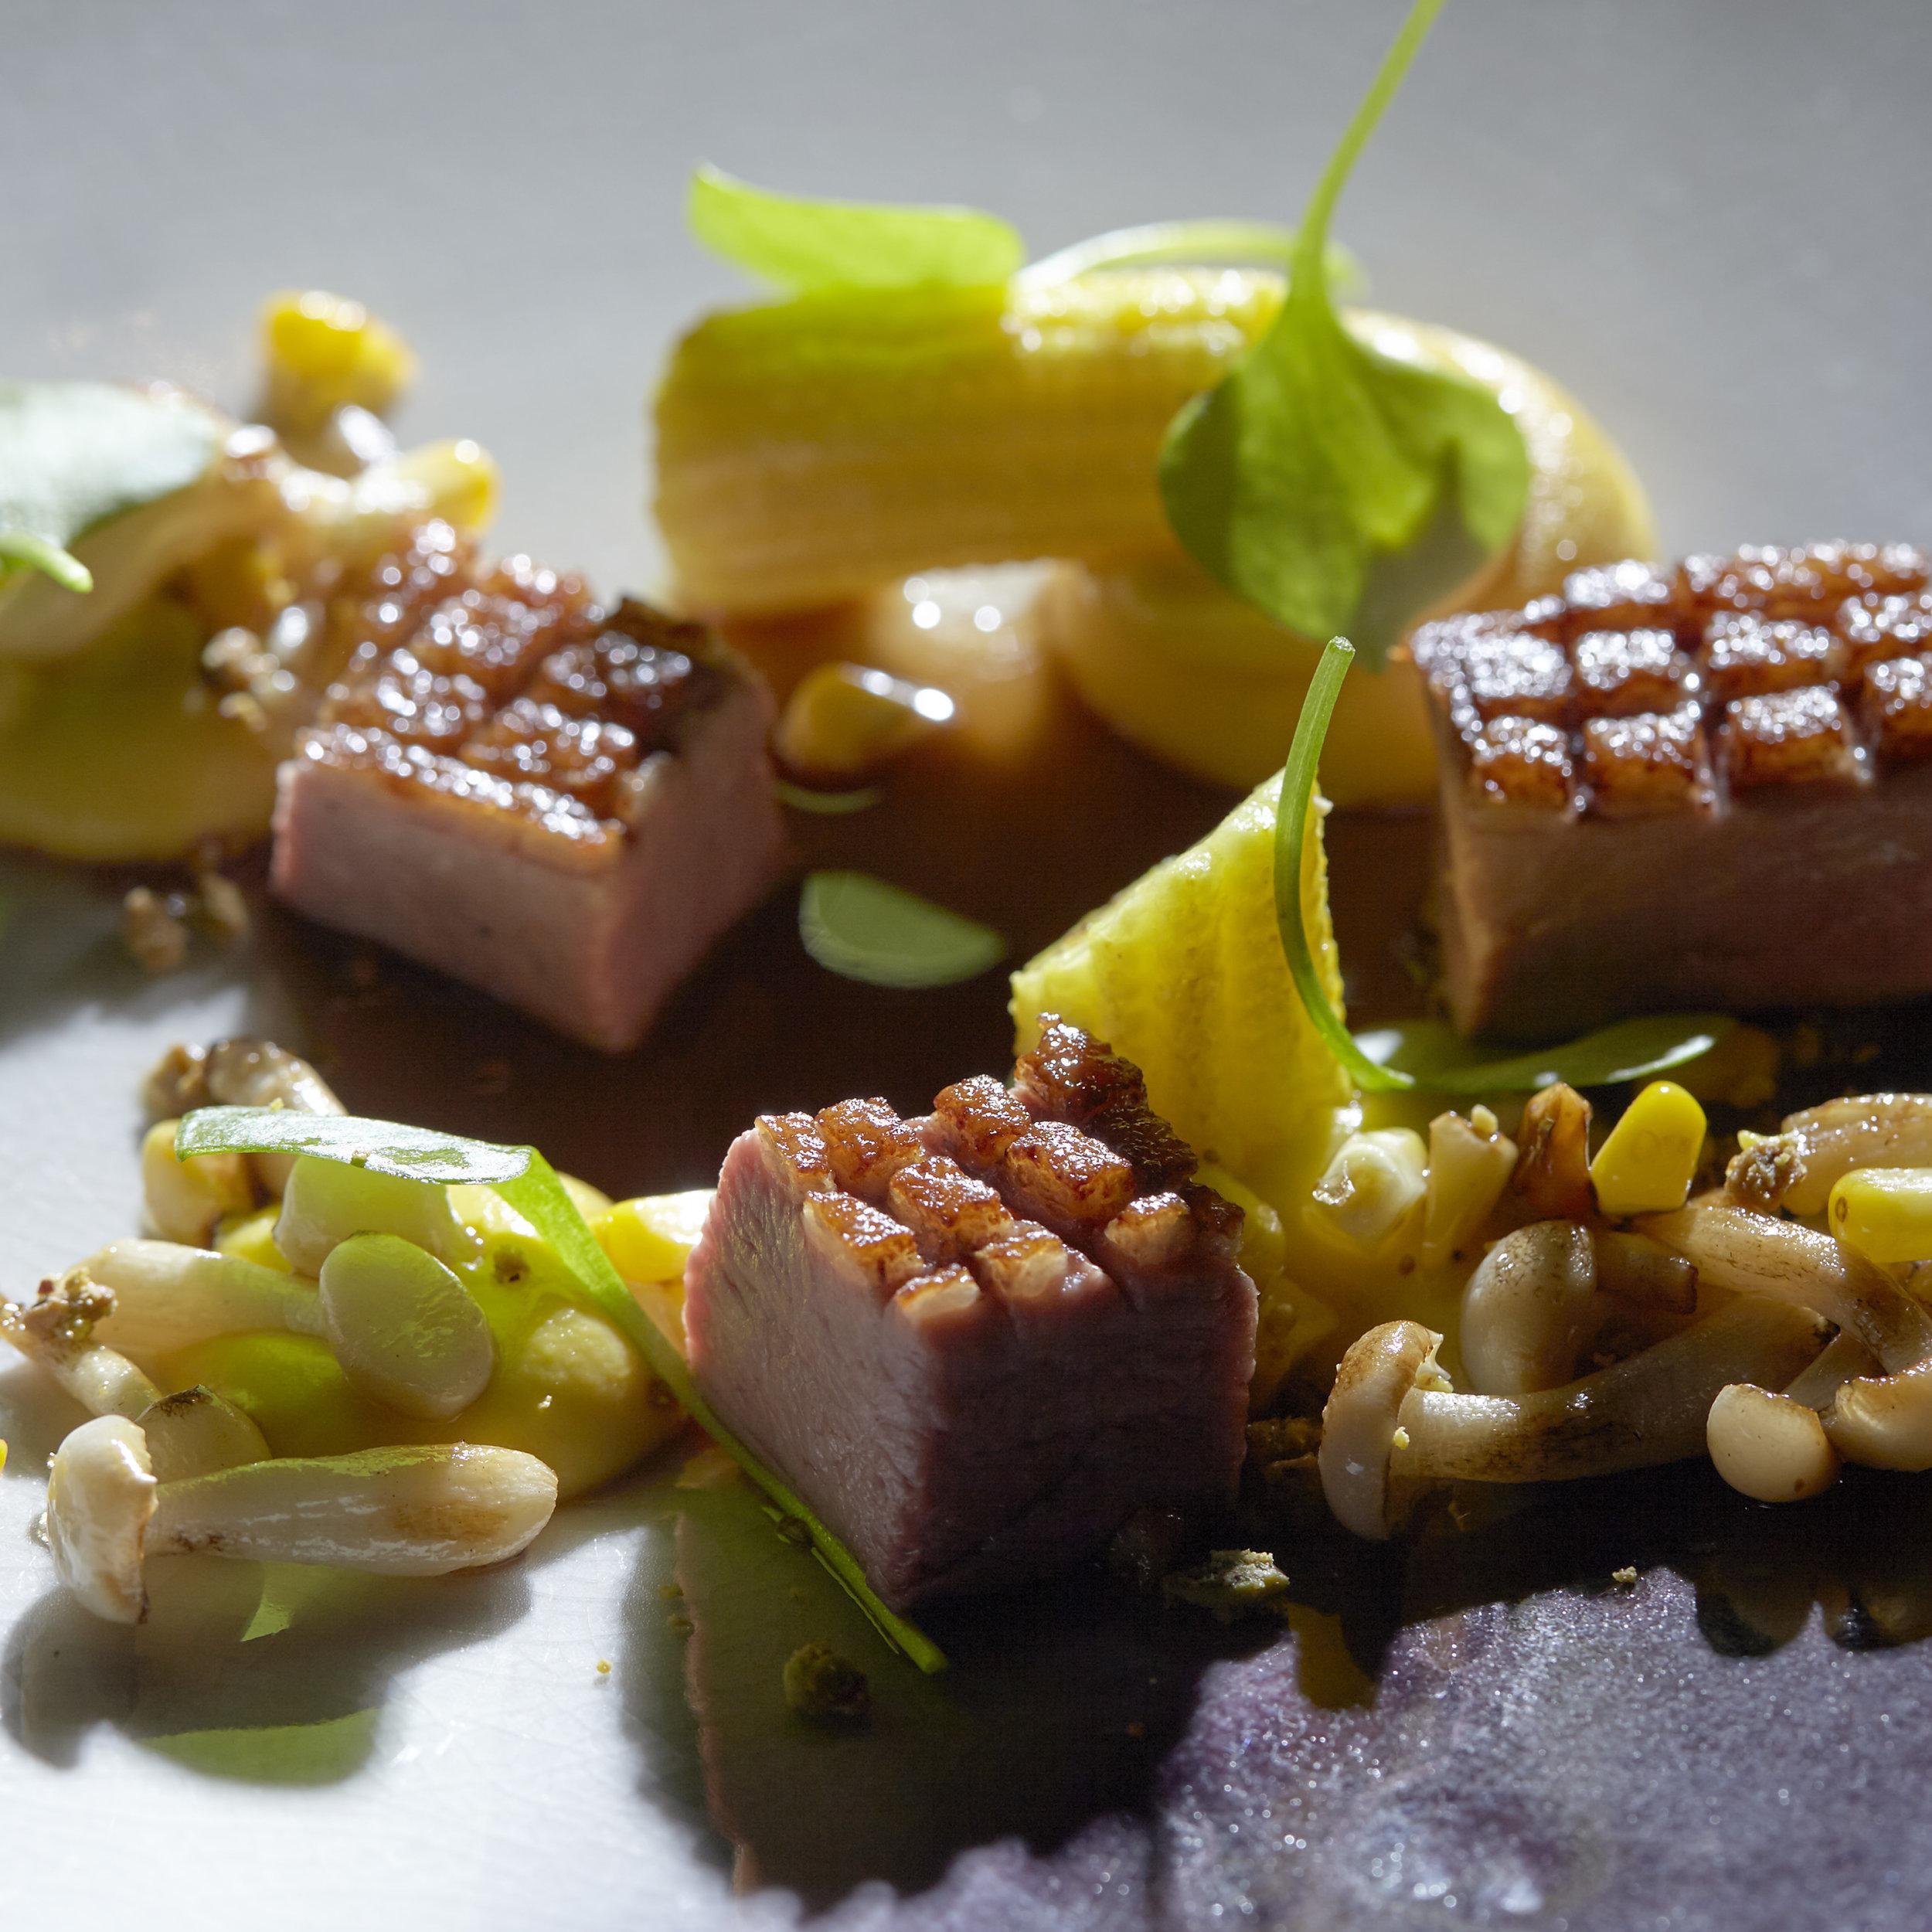 Andre Gerrits   Gebraden tamme eendenborst met een crunch van pistache en aardappelkaantjes, bundelzwam, mais en zijn eigen just